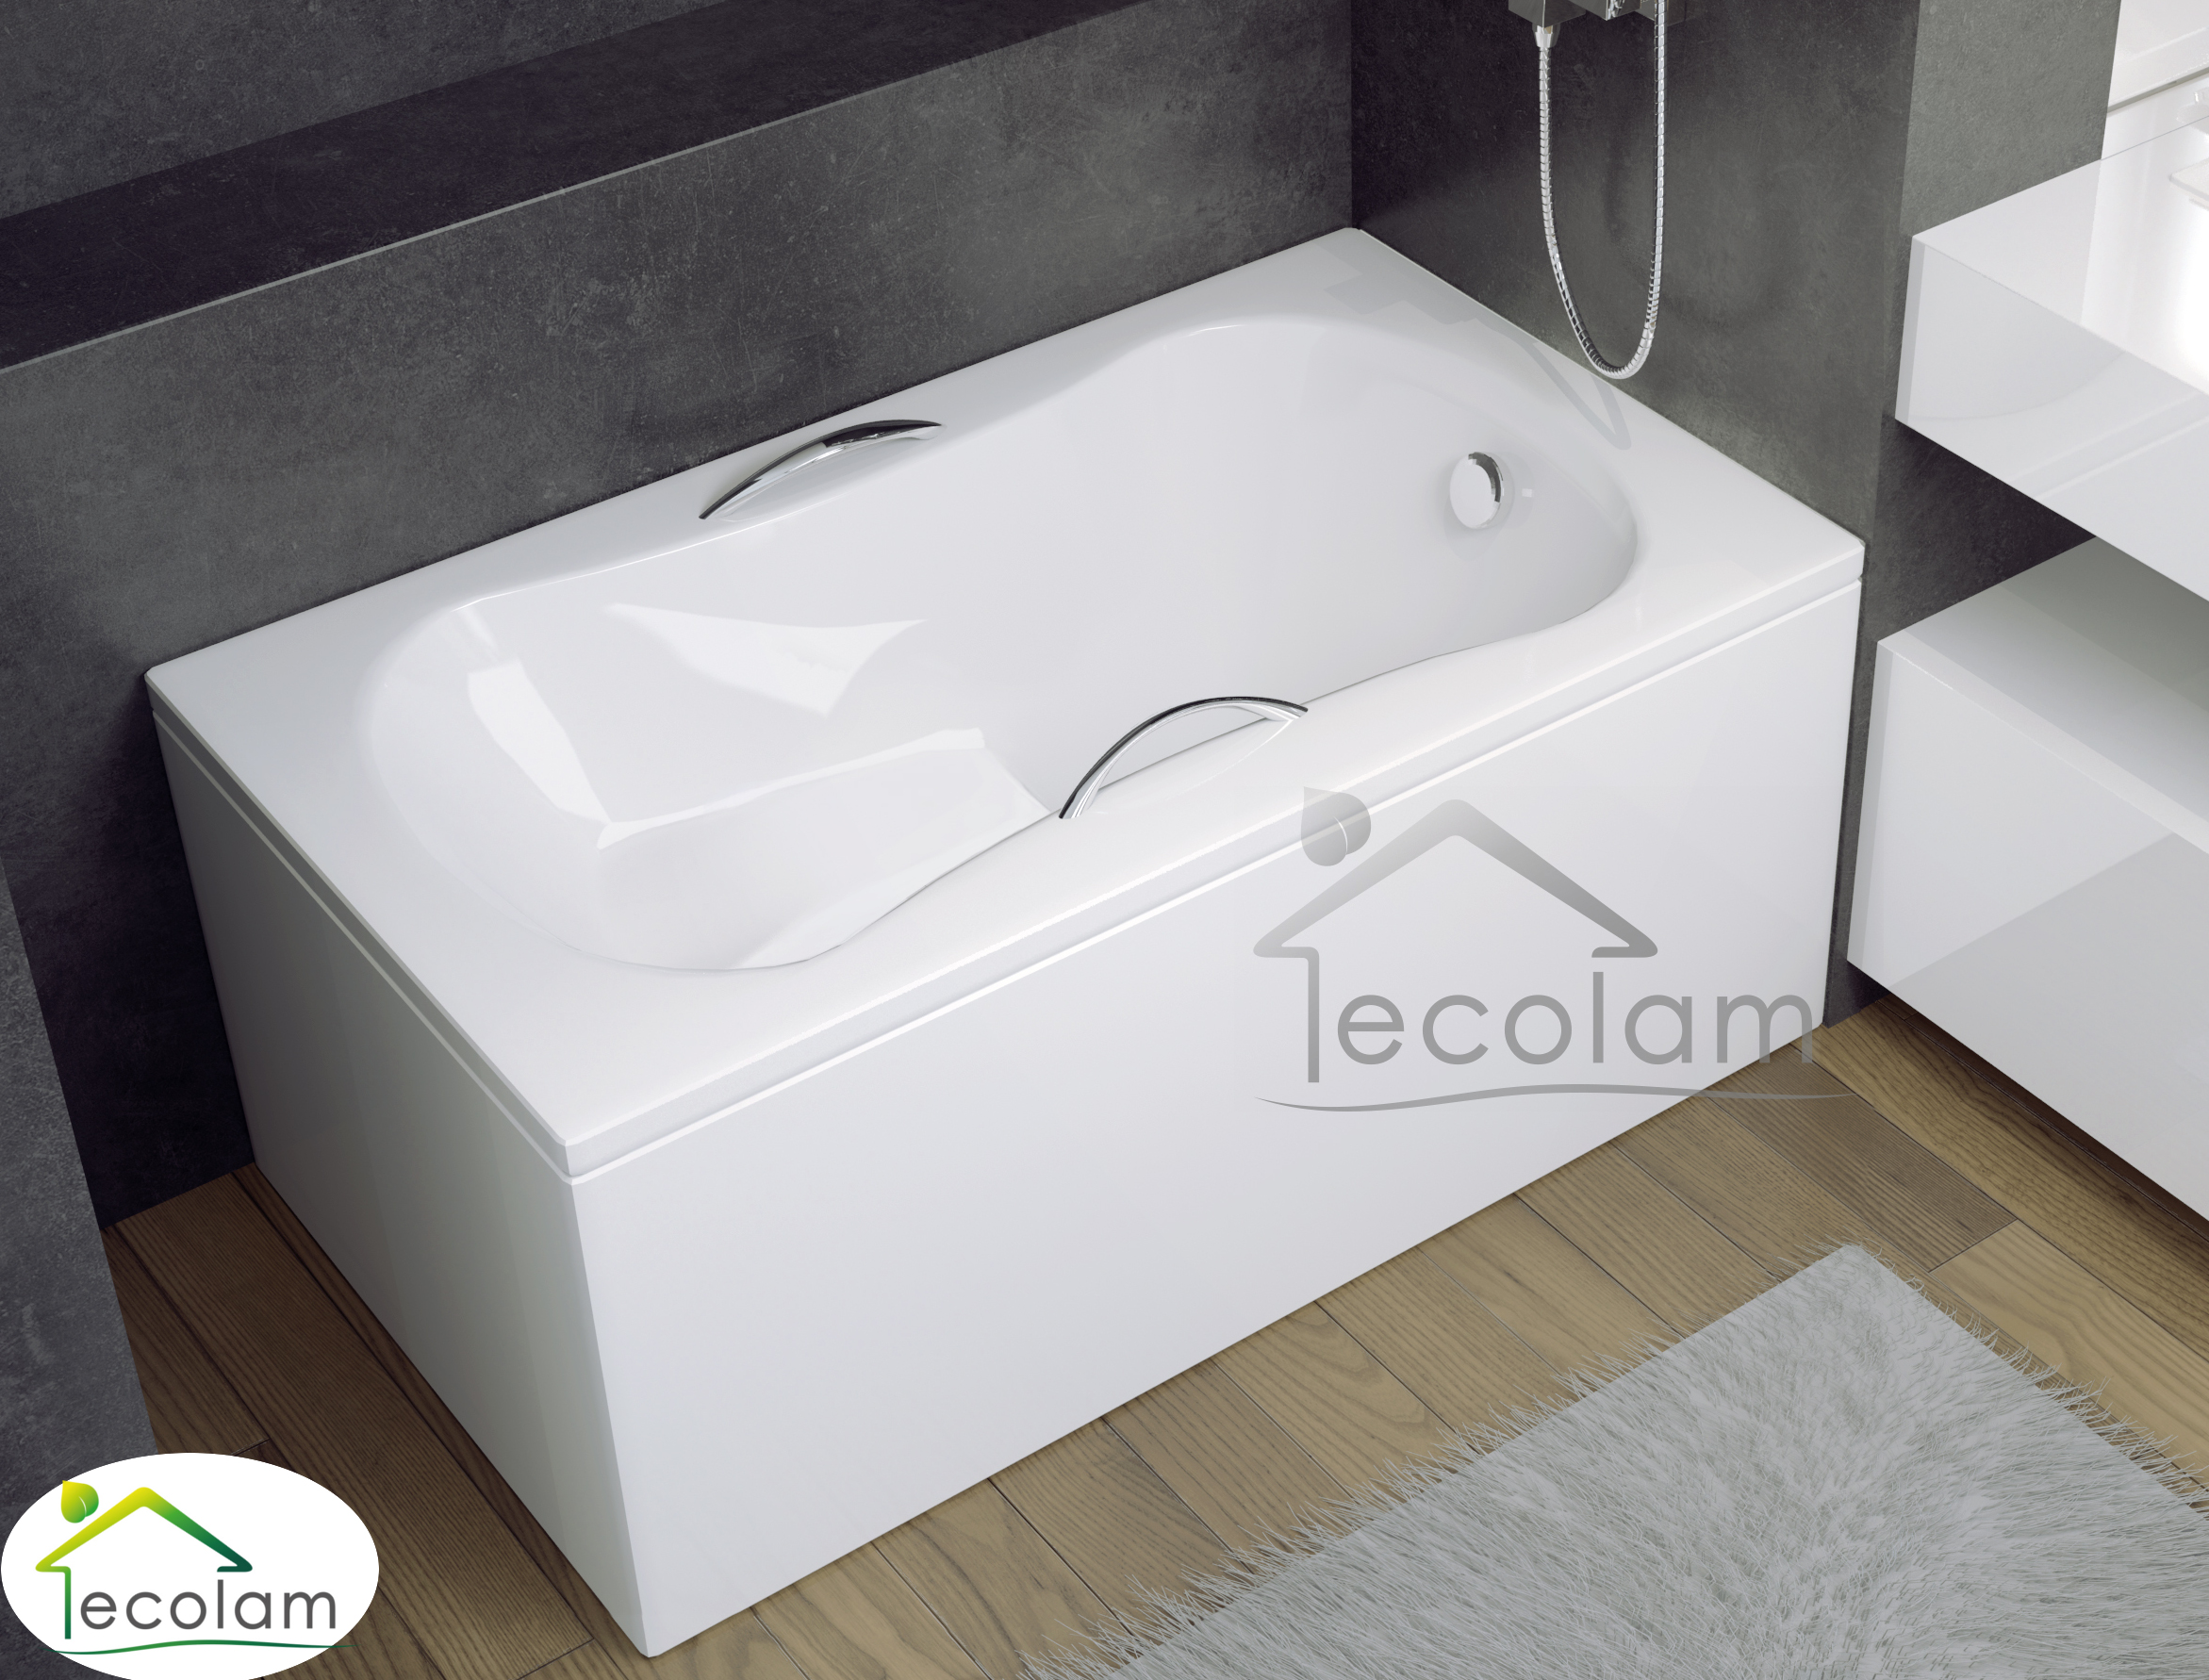 badewanne 120 x 70 cm sitzwanne rechteck sitzbadewanne mit sitz handgriffe acryl ebay. Black Bedroom Furniture Sets. Home Design Ideas